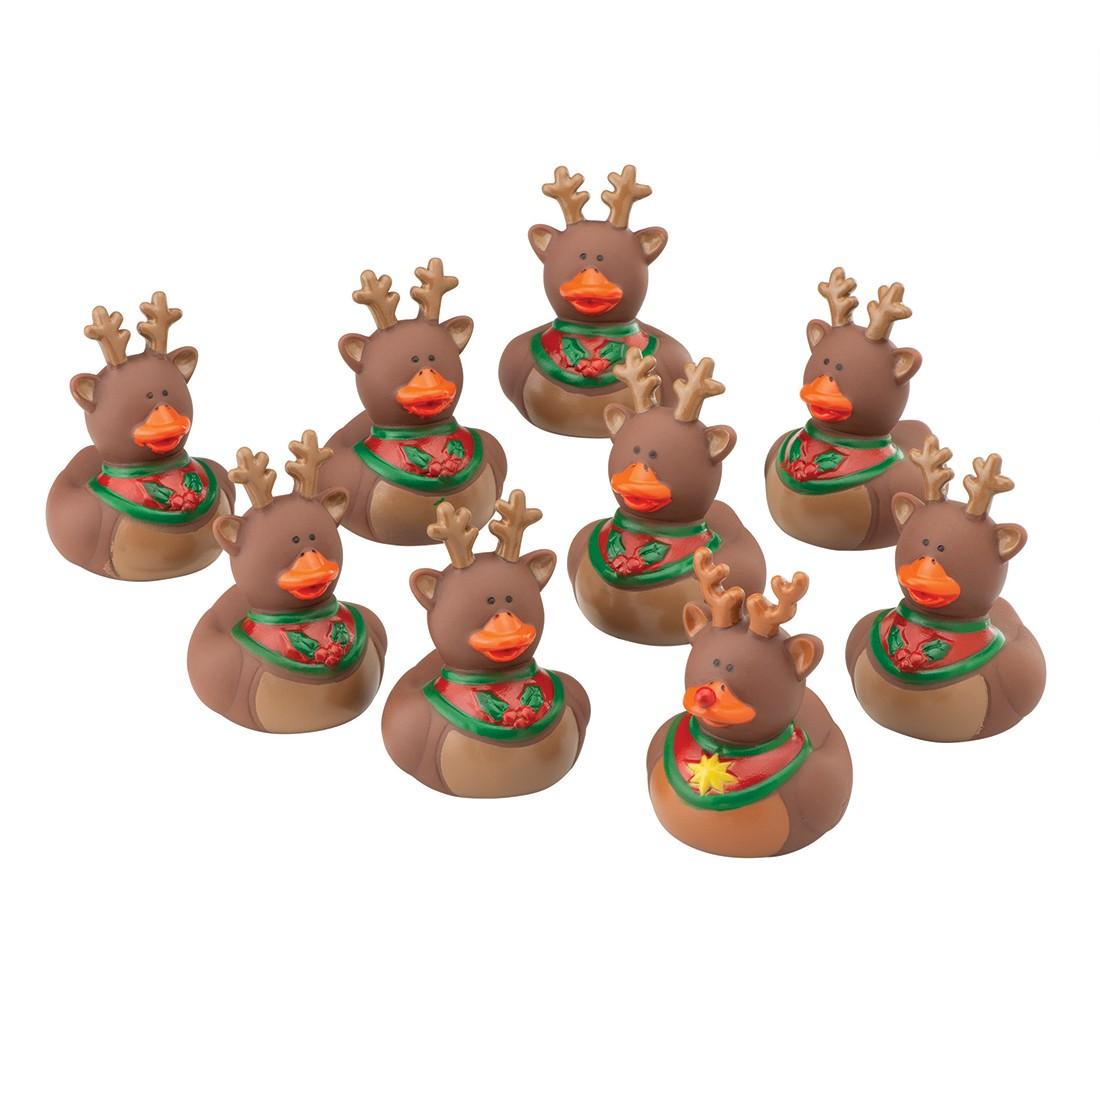 Vinyl Reindeer Rubber Ducks  [image]